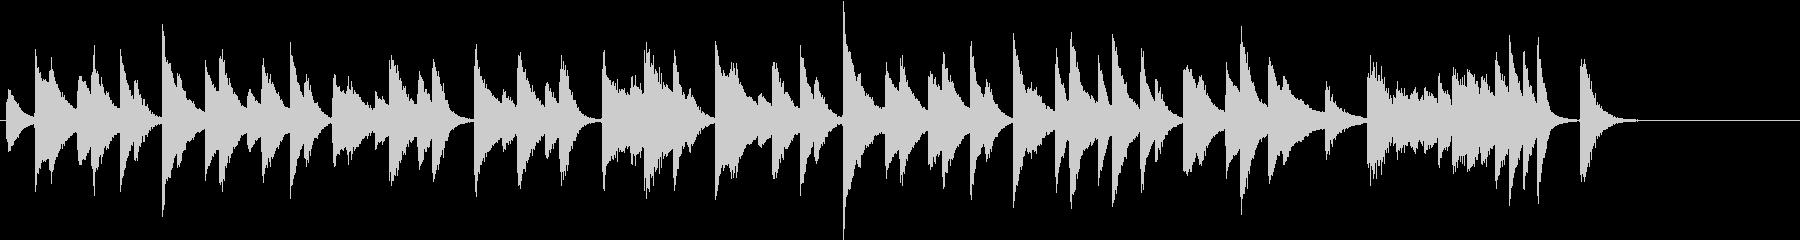 猫動画に♪ほっこりのんびりピアノジングルの未再生の波形